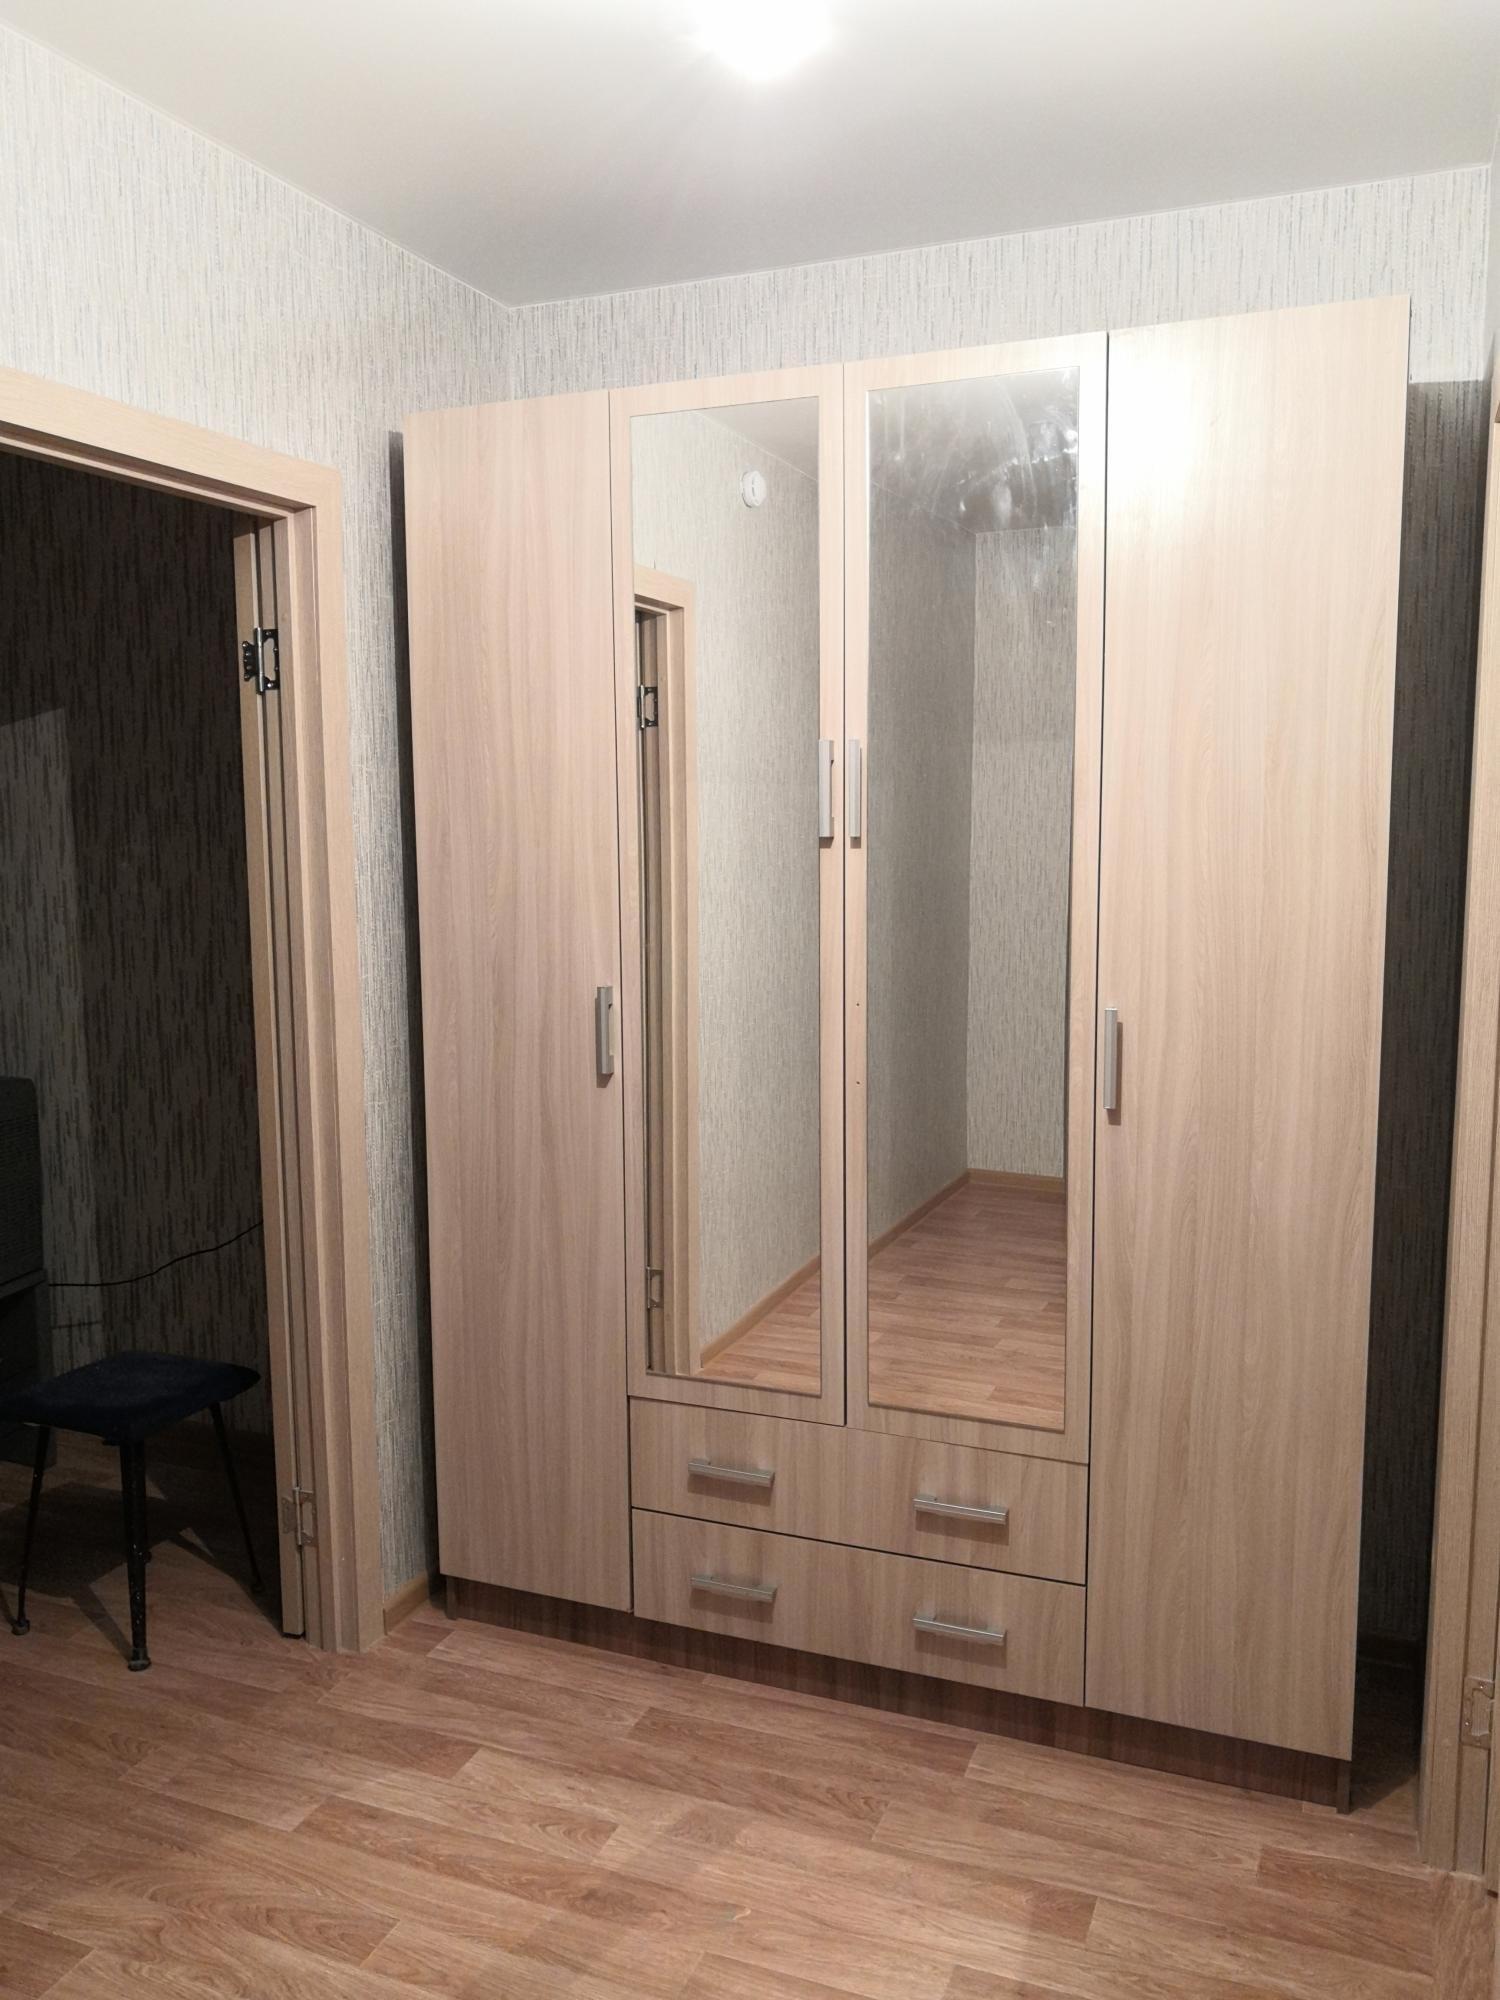 2к квартира Ольховая улица, 12 | 16500 | аренда в Красноярске фото 5